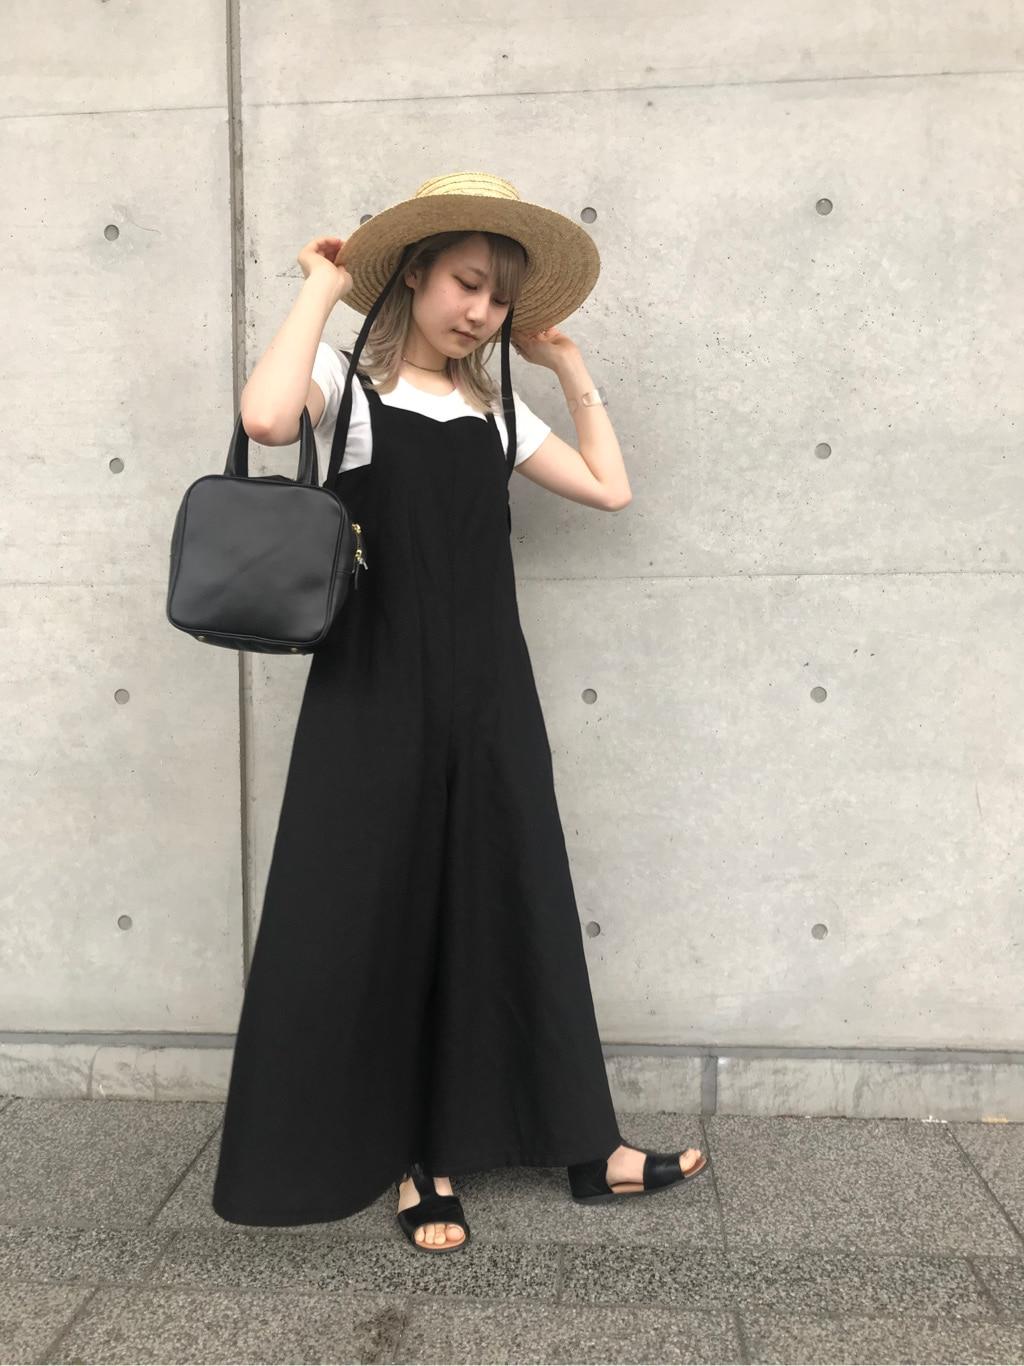 l'atelier du savon 東京スカイツリータウン・ソラマチ 身長:165cm 2020.07.20